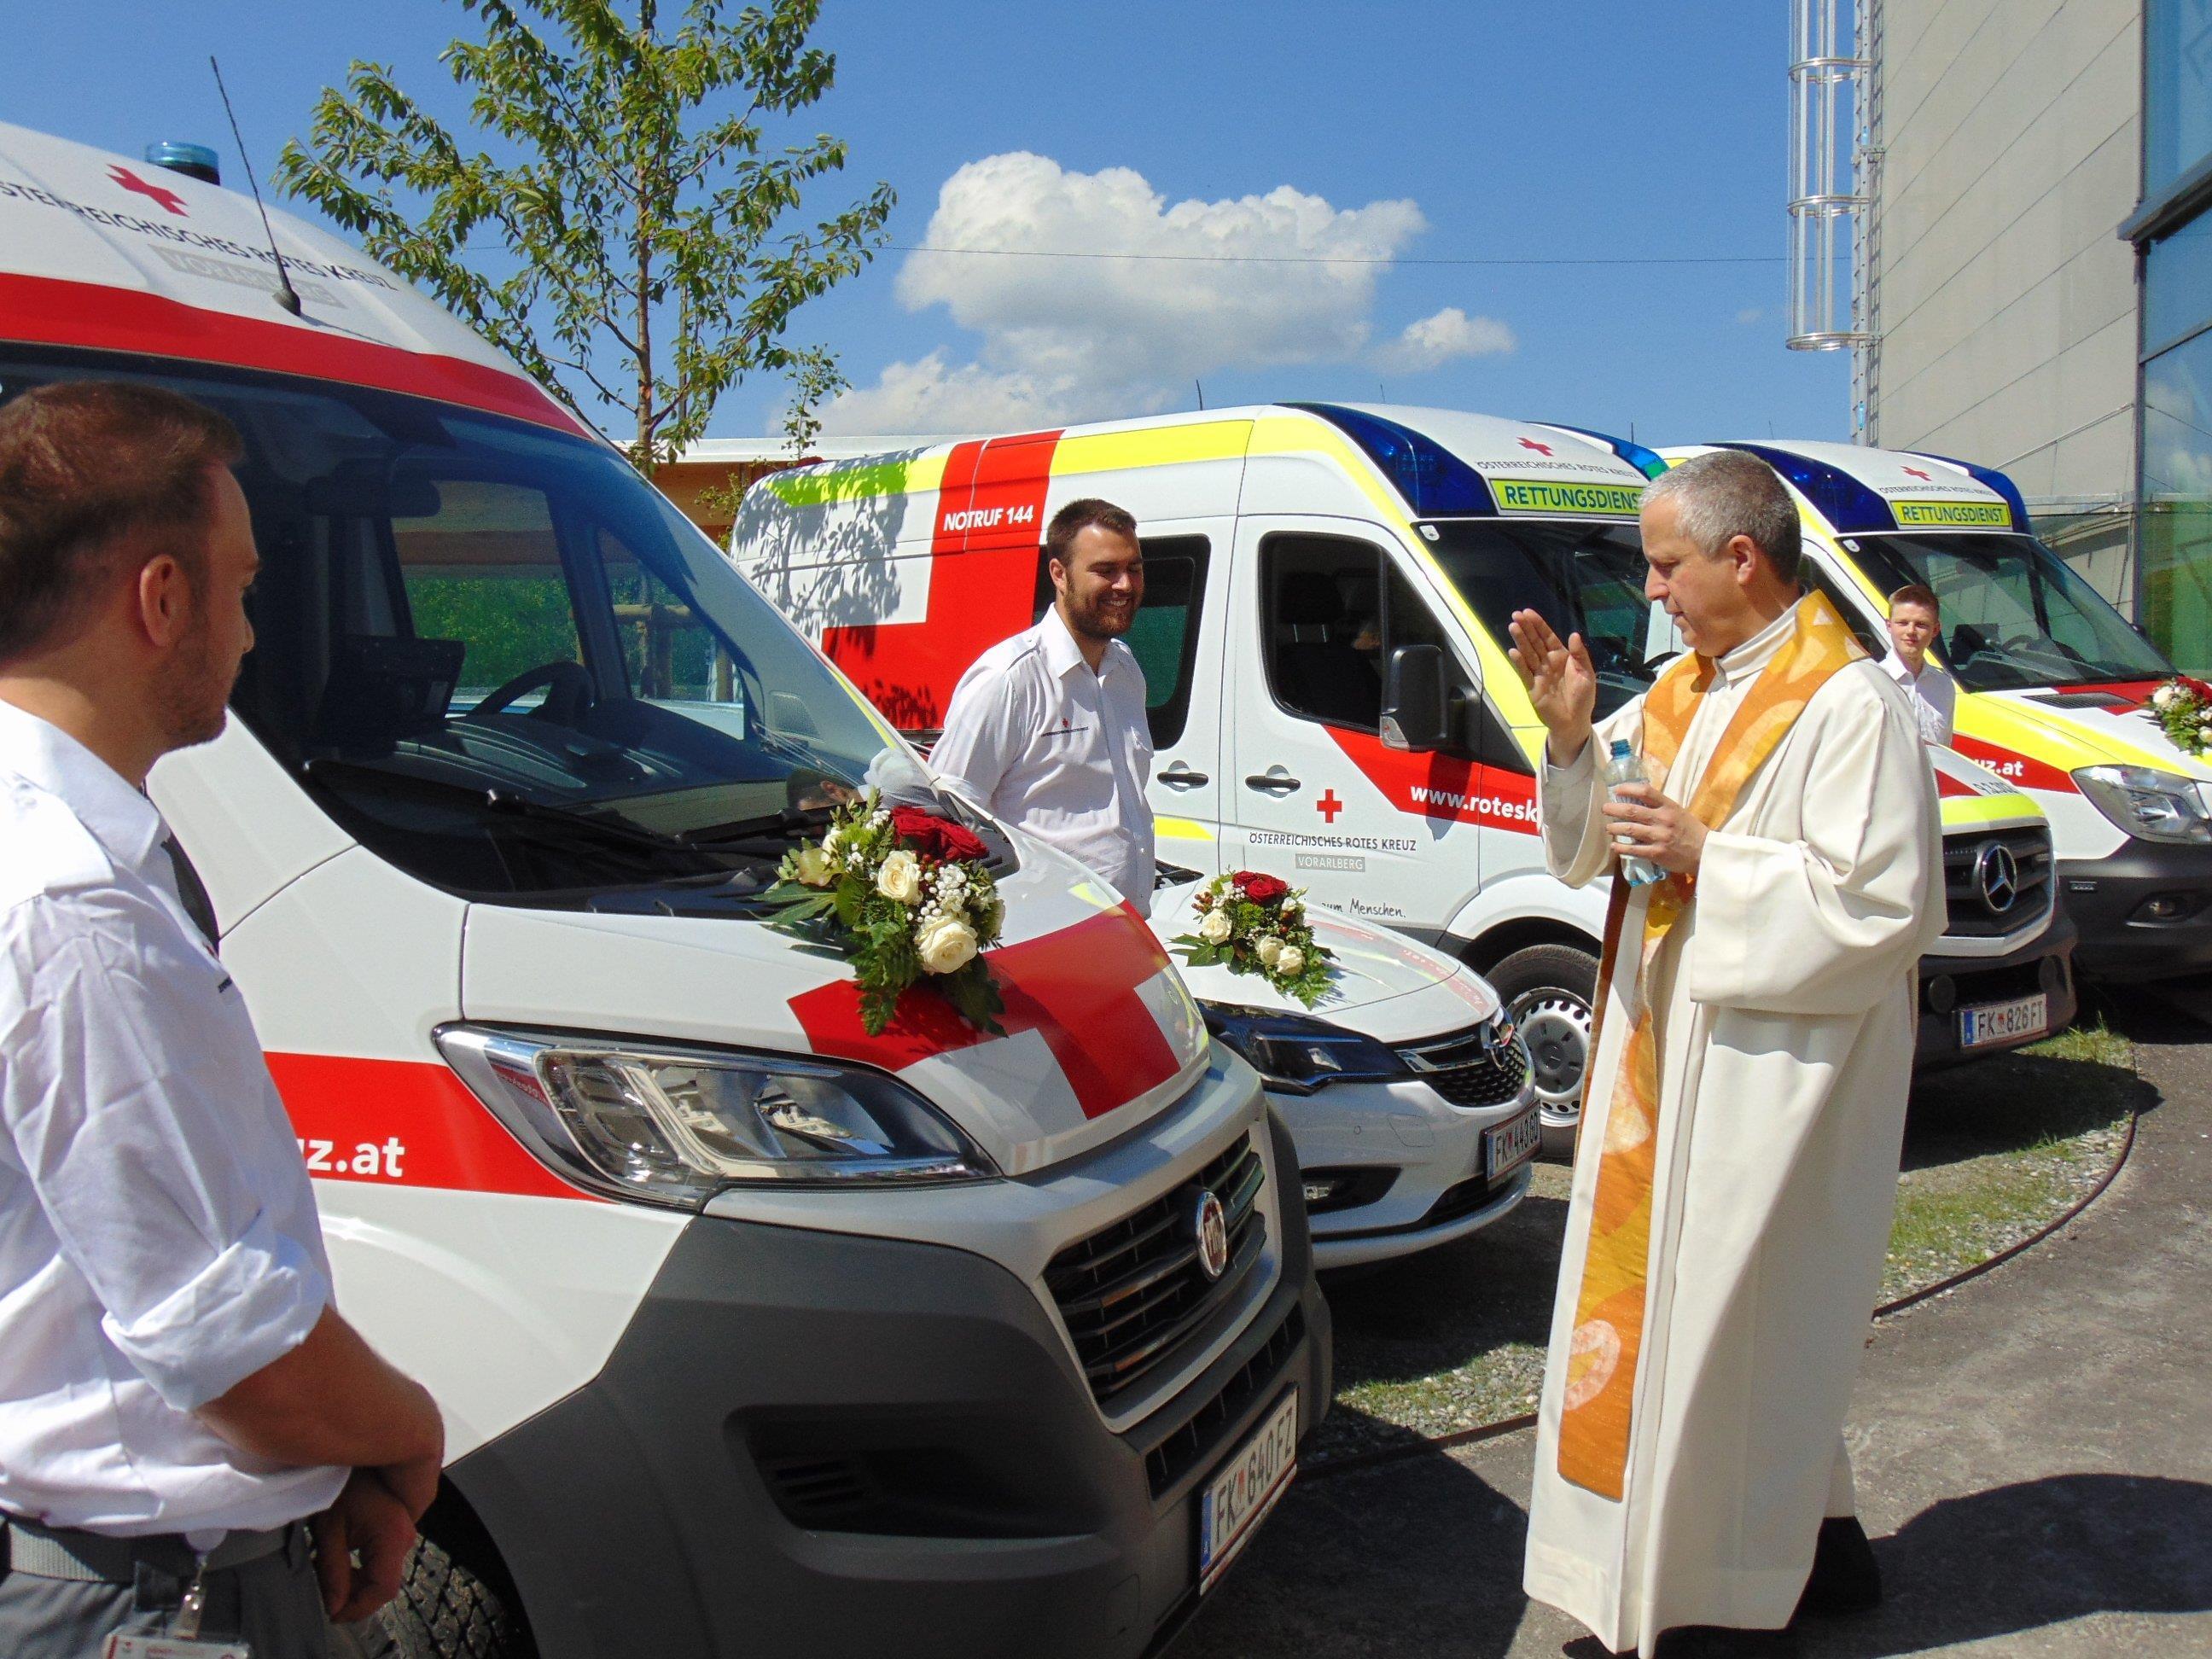 Pfarrer Thomas Sauter segnet die Einsatzfahrzeuge